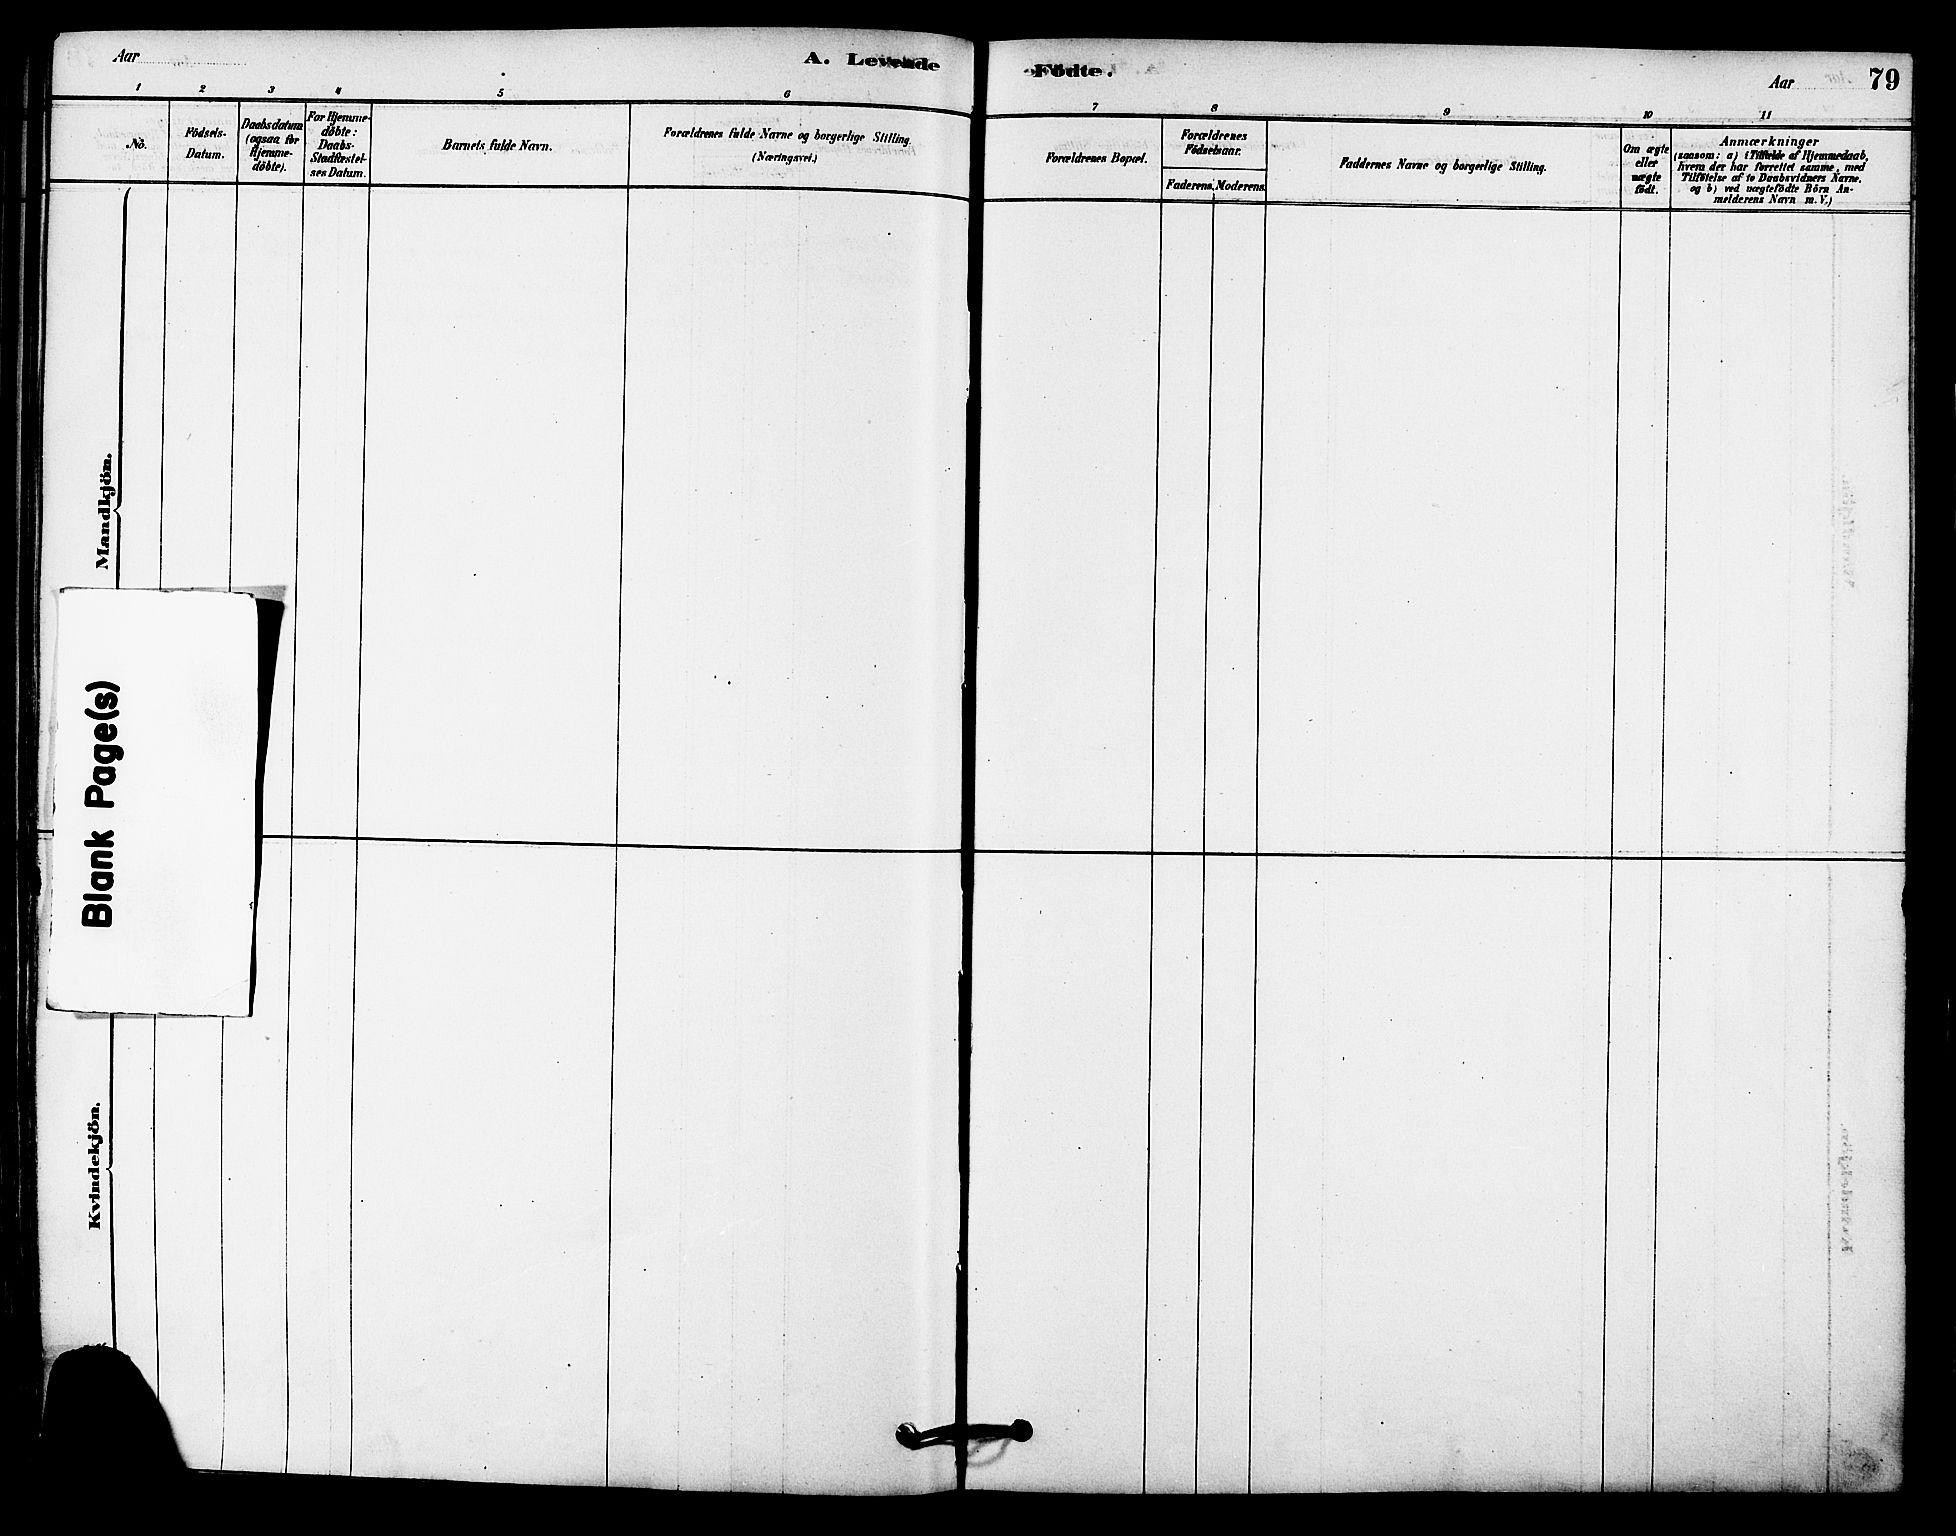 SAT, Ministerialprotokoller, klokkerbøker og fødselsregistre - Sør-Trøndelag, 612/L0378: Ministerialbok nr. 612A10, 1878-1897, s. 79